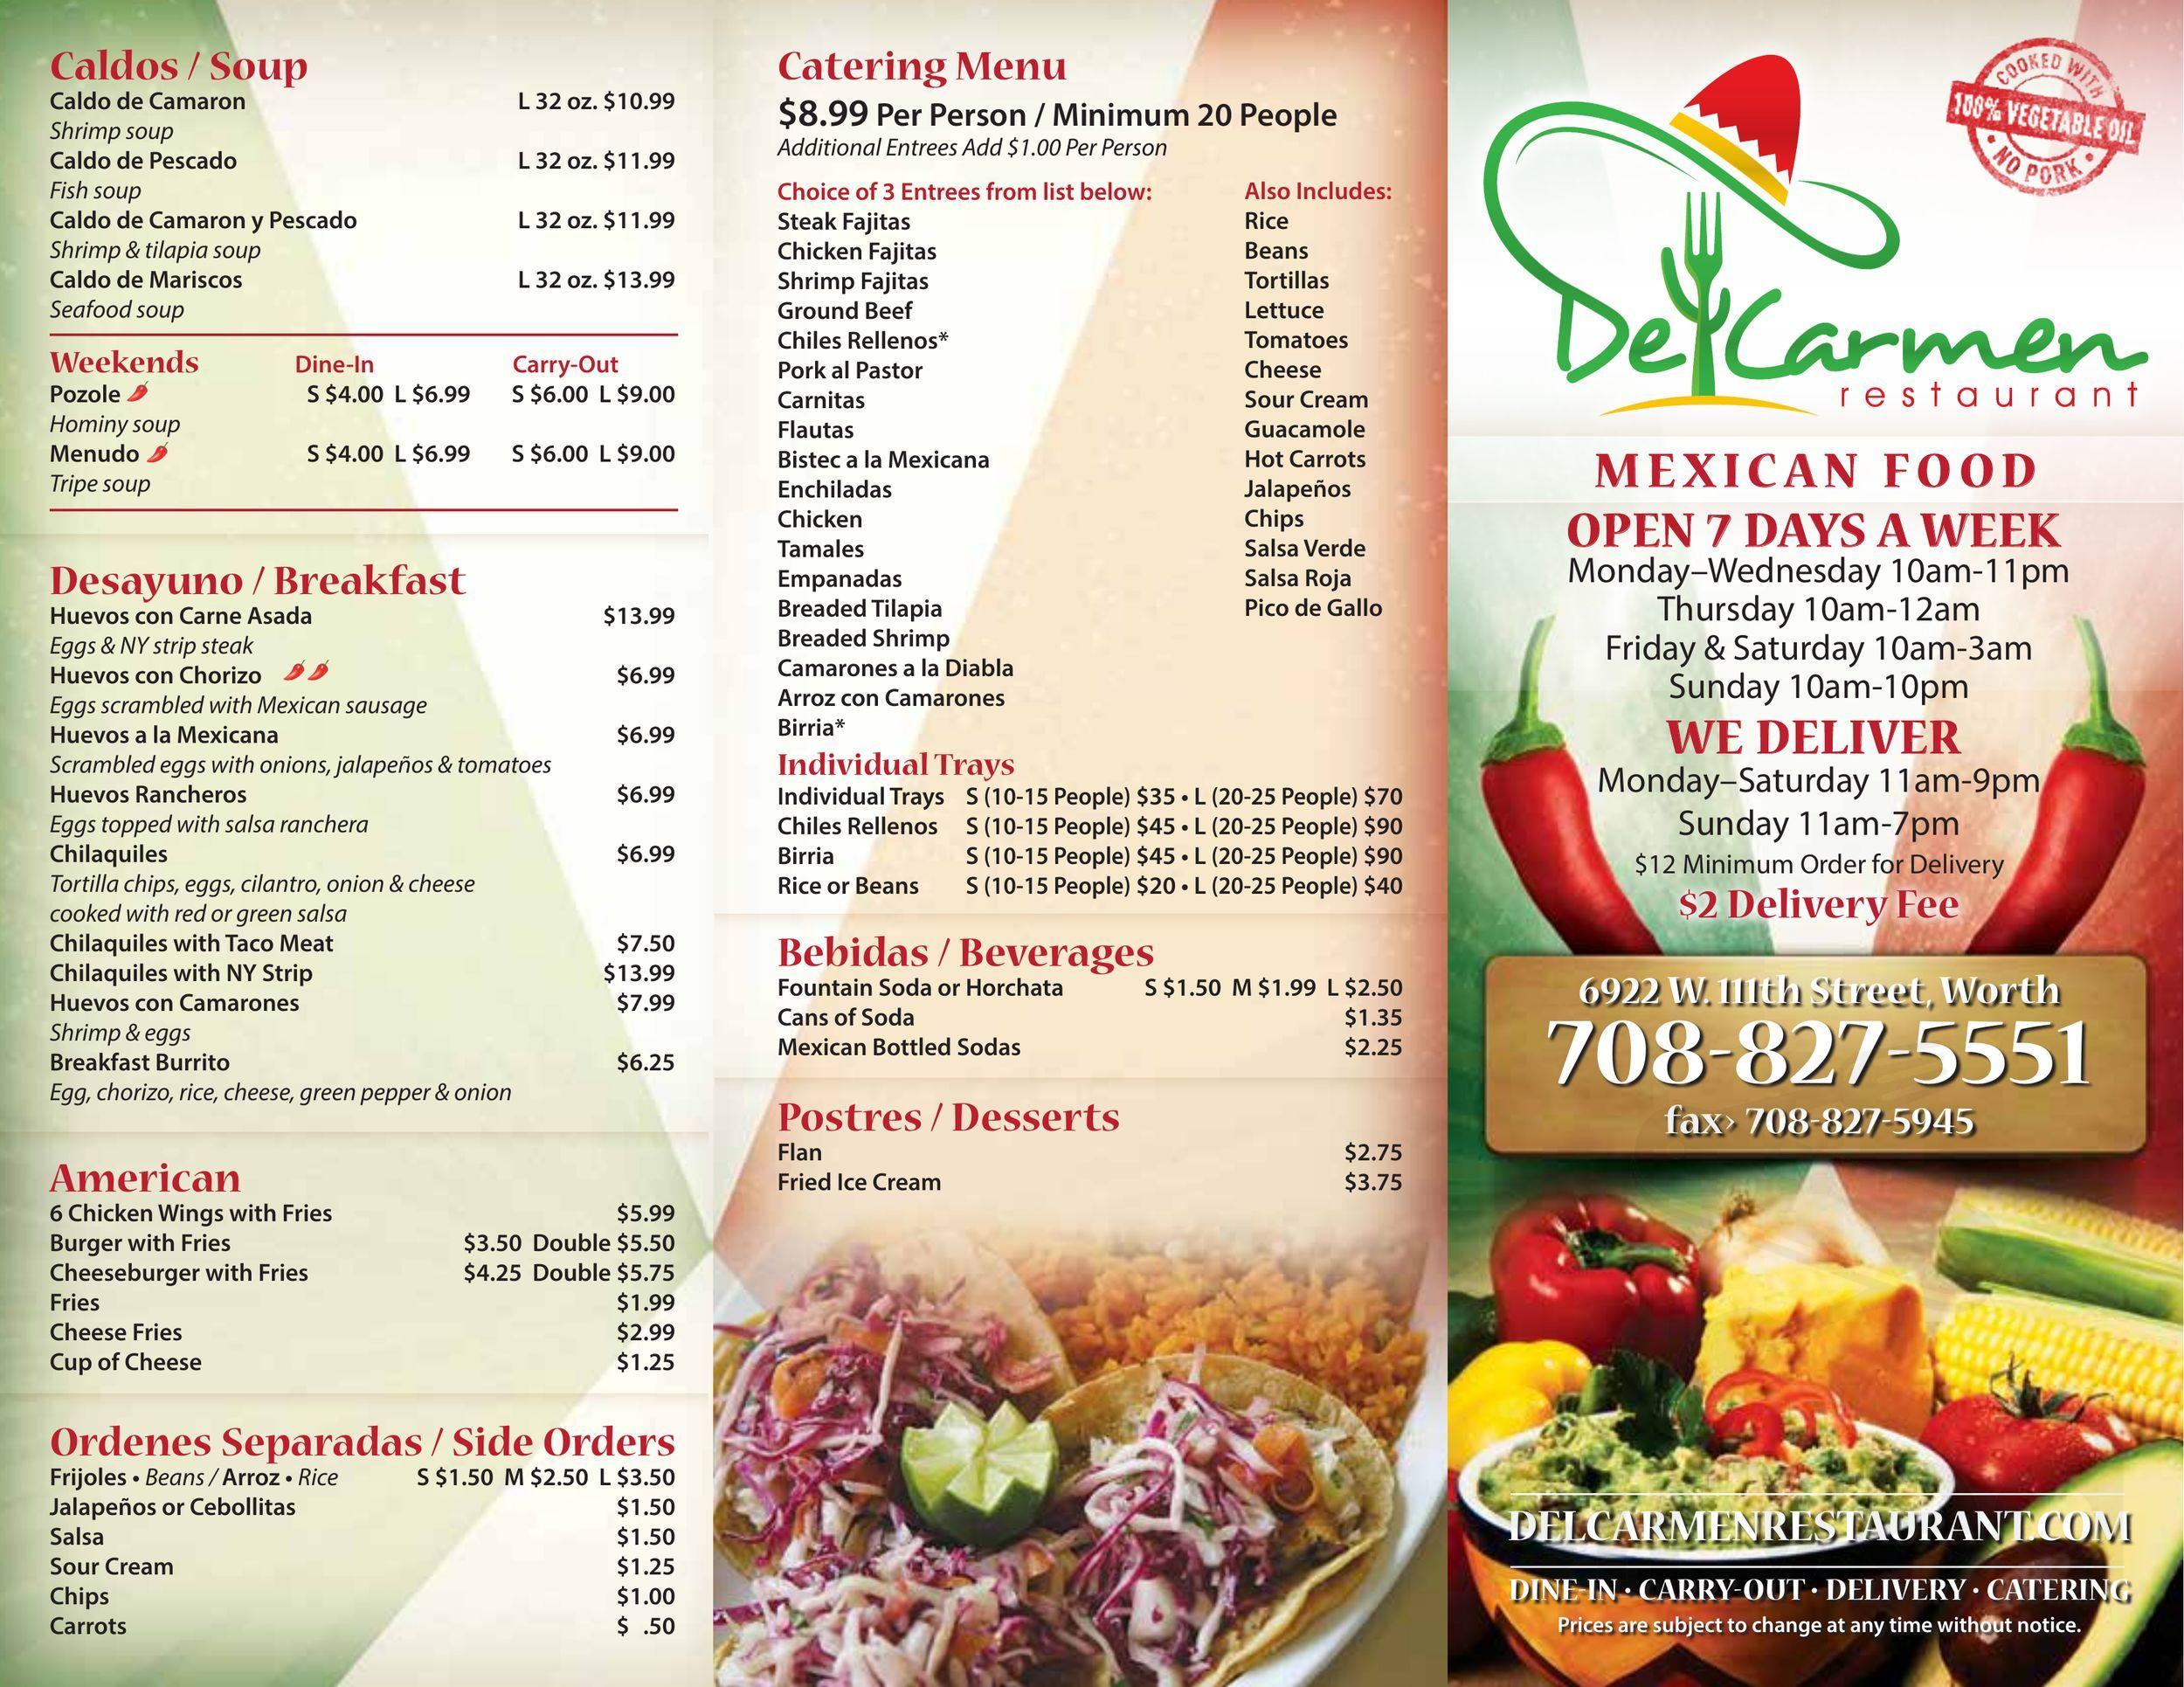 Menu for Del Carmen - MAIN MENU page 1 of 3